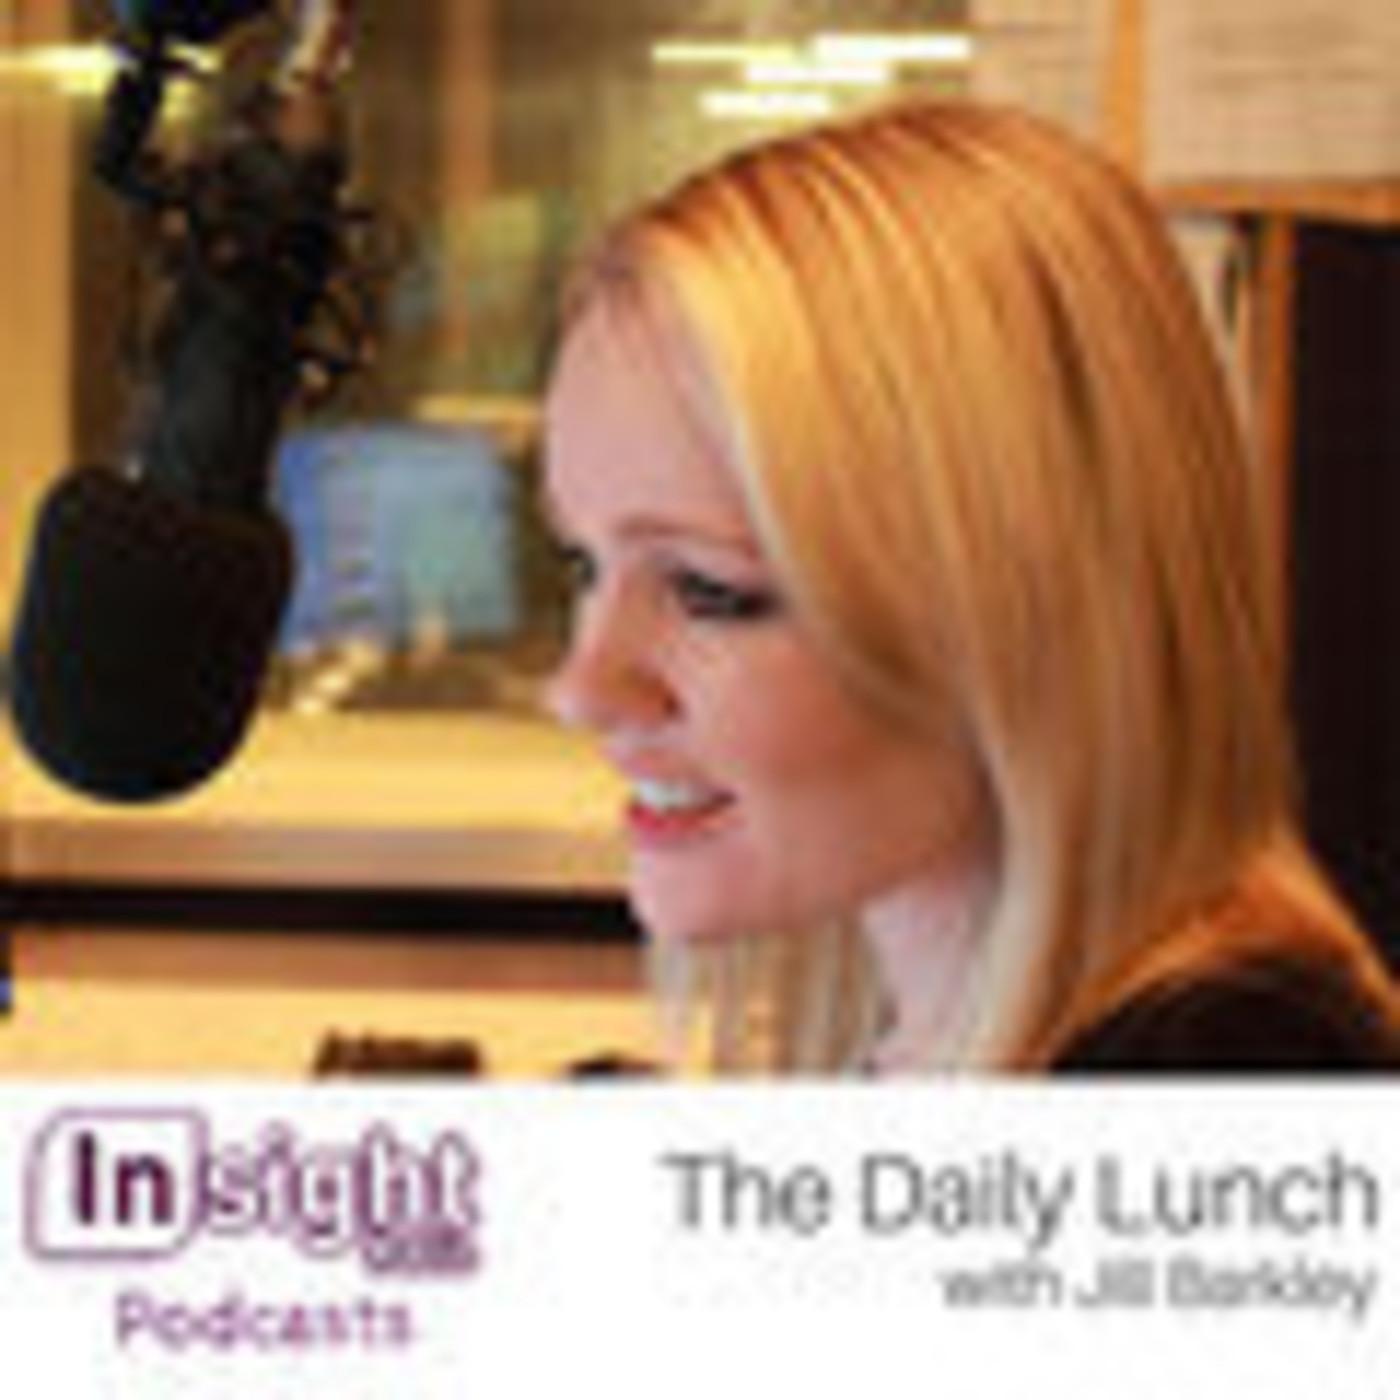 RNIB's Insight Radio